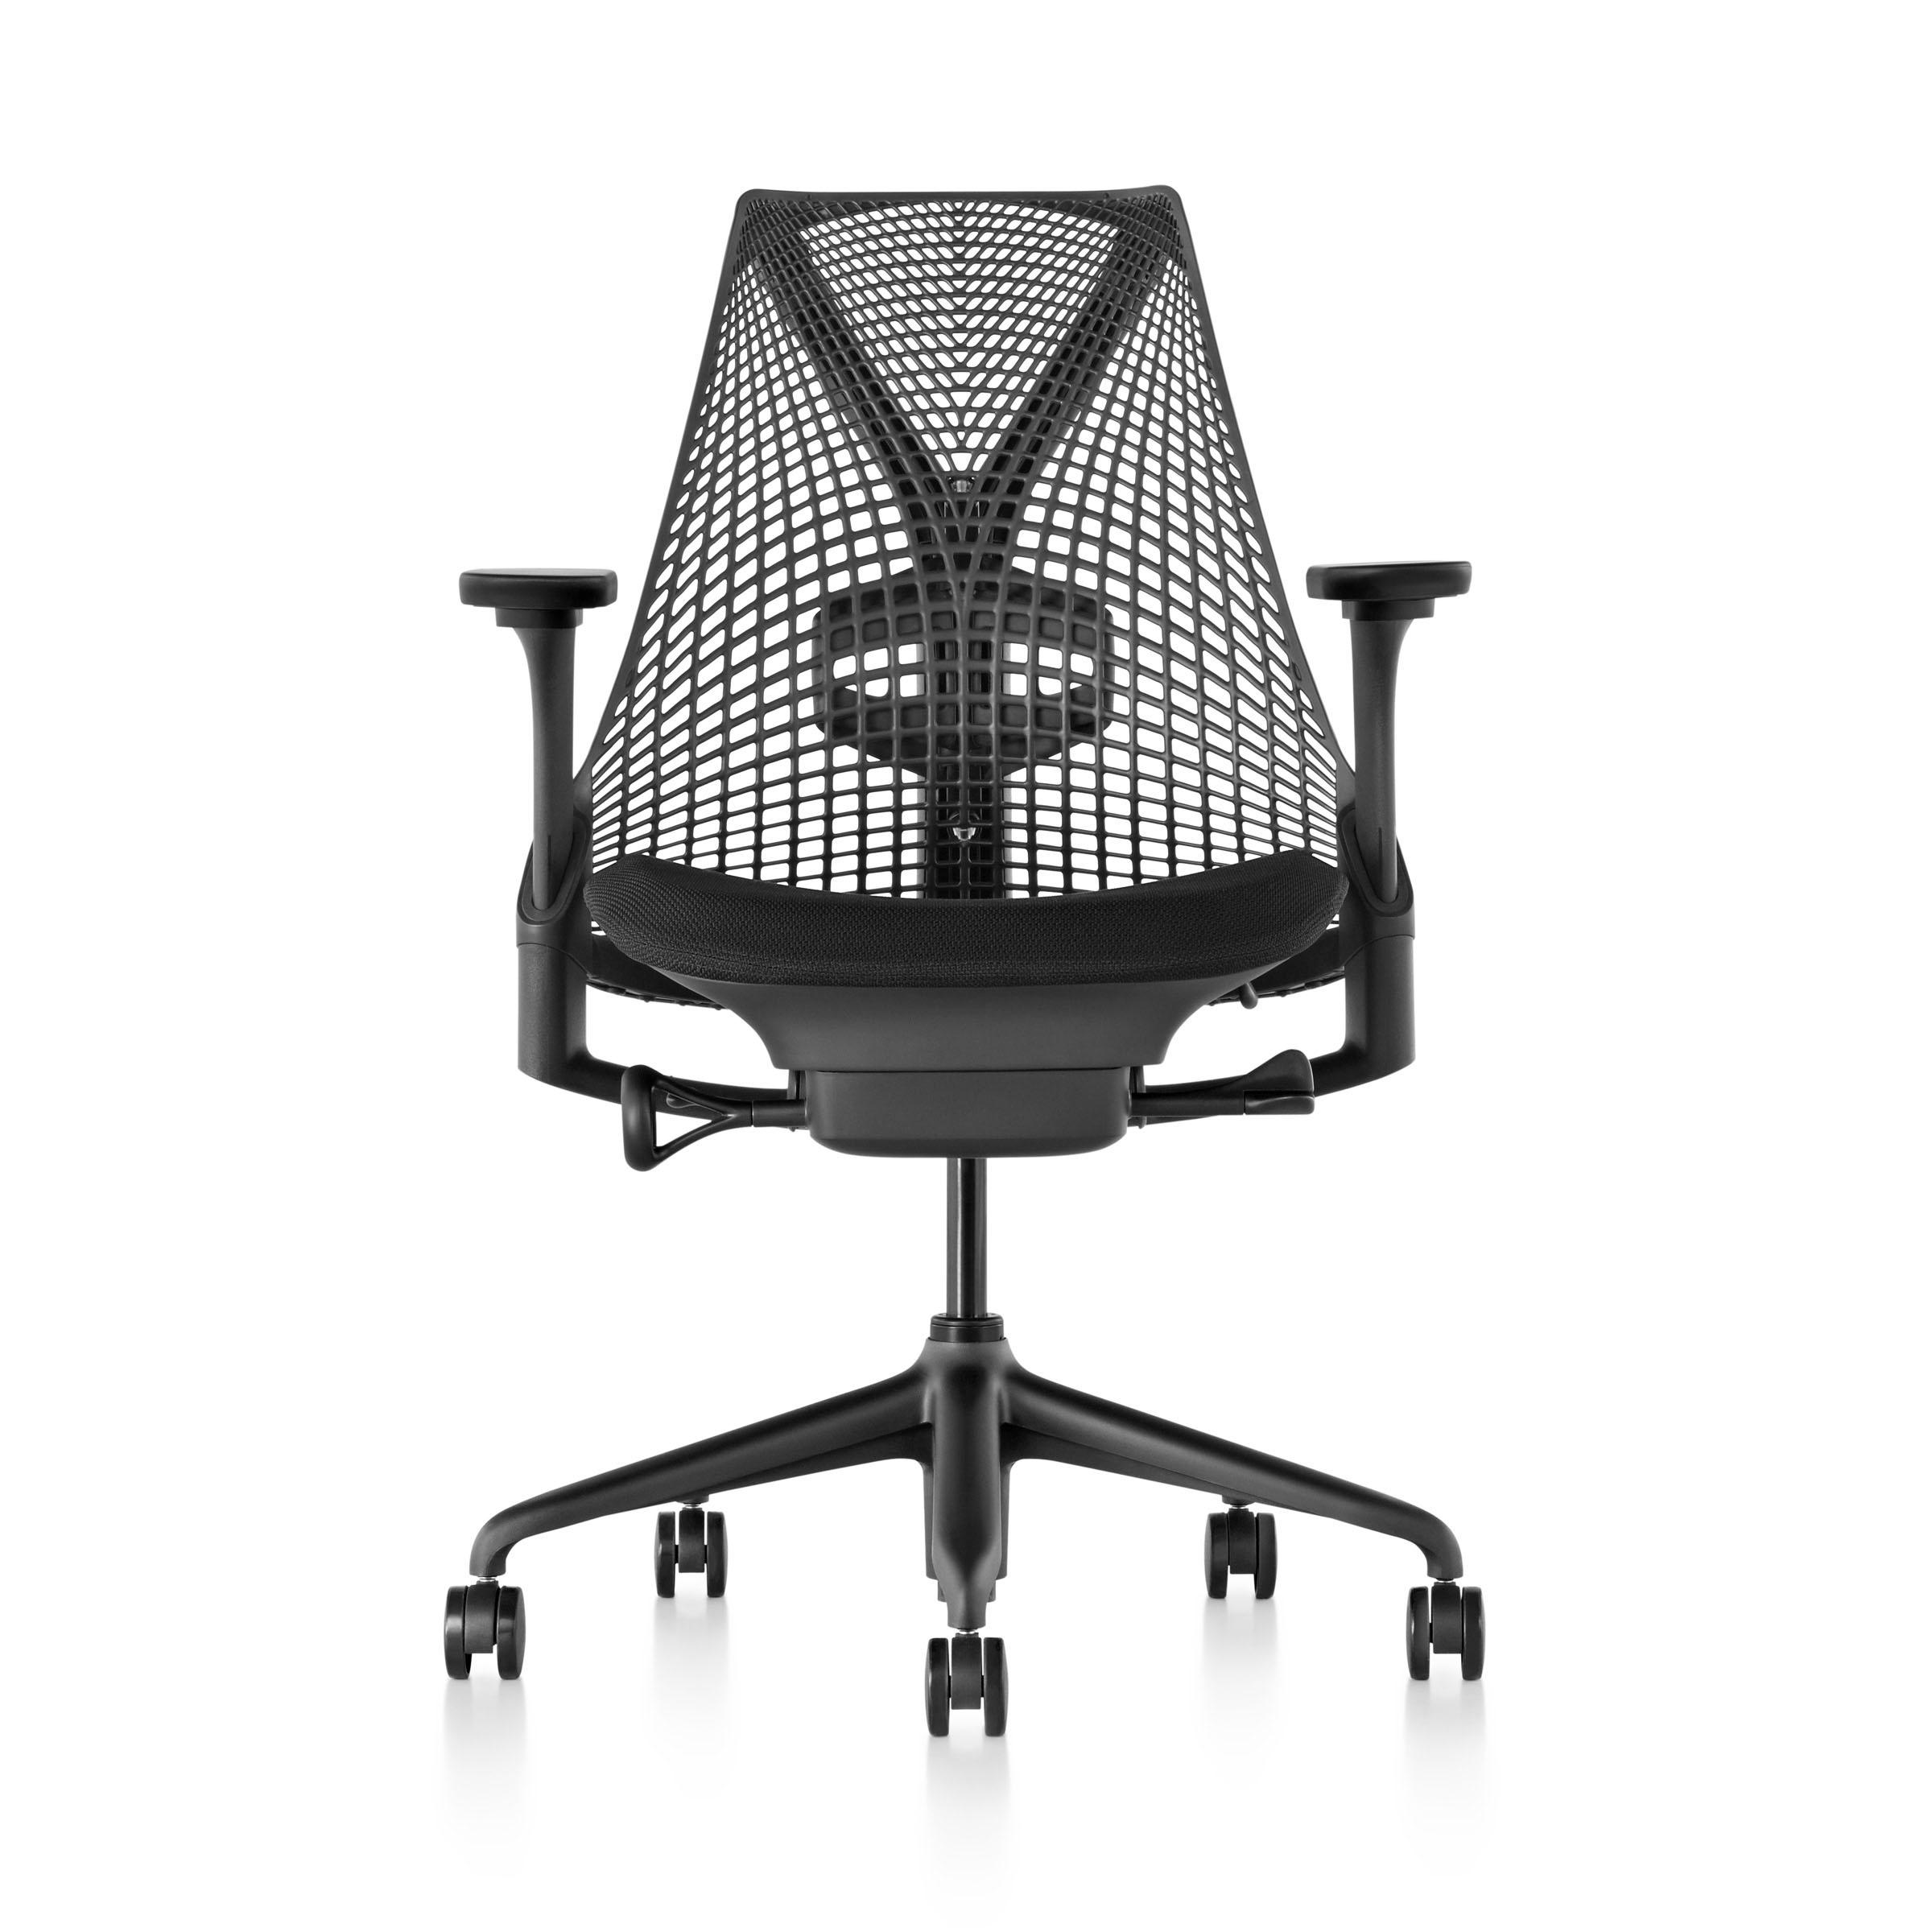 【在庫あり】【ハーマンミラー正規販売店】セイルチェア Sayl Chair ブラック フルアジャスタブルアーム/ランバーサポート付き